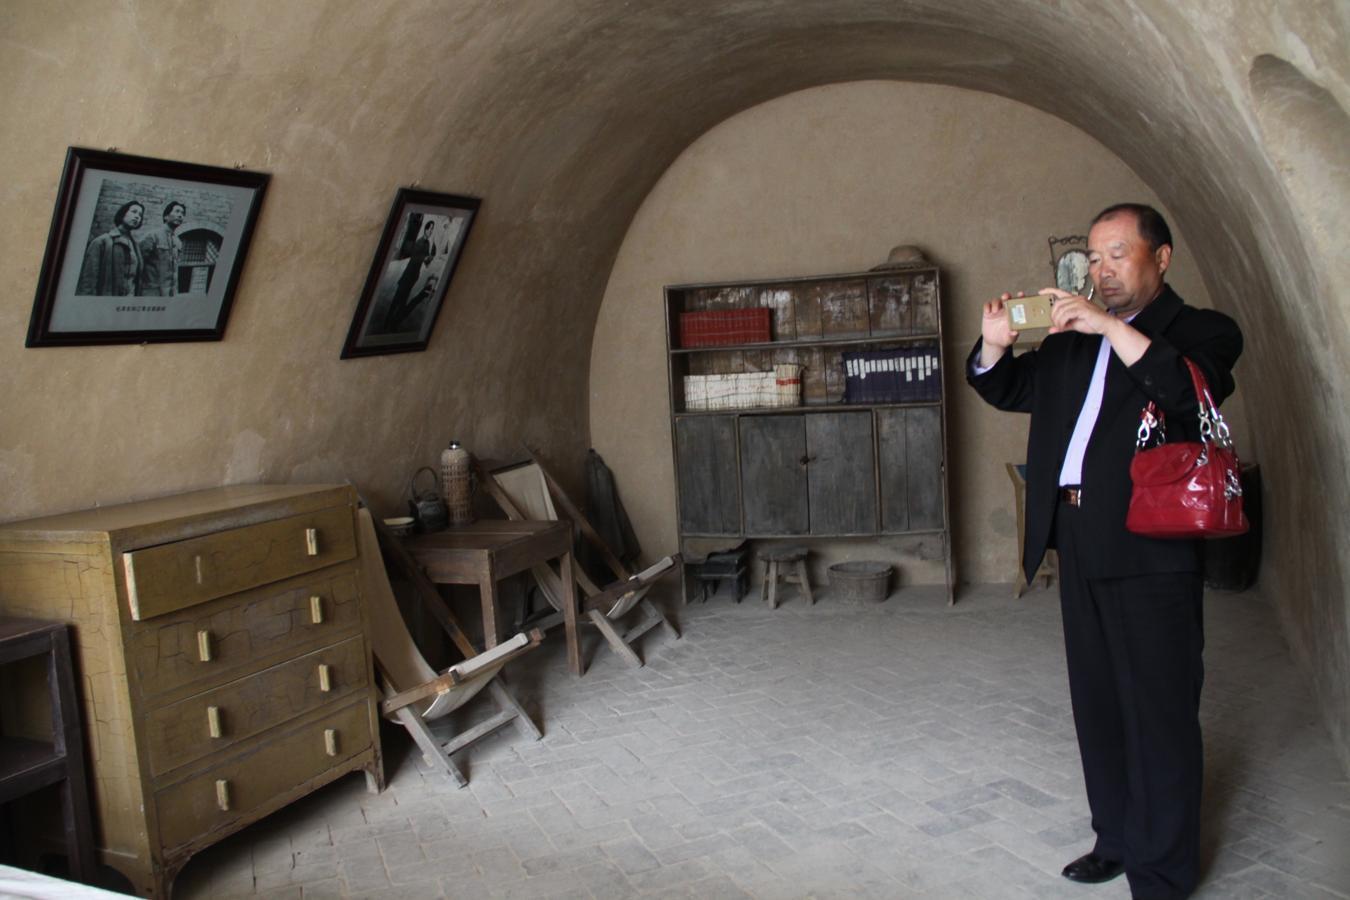 Entre 1938 y 1943, Mao Zedong vivió en esta cueva de Yangjialing, a las afueras de la ciudad de Yan´an, donde los guerrilleros comunistas tenían su base en la provincia de Shaanxi